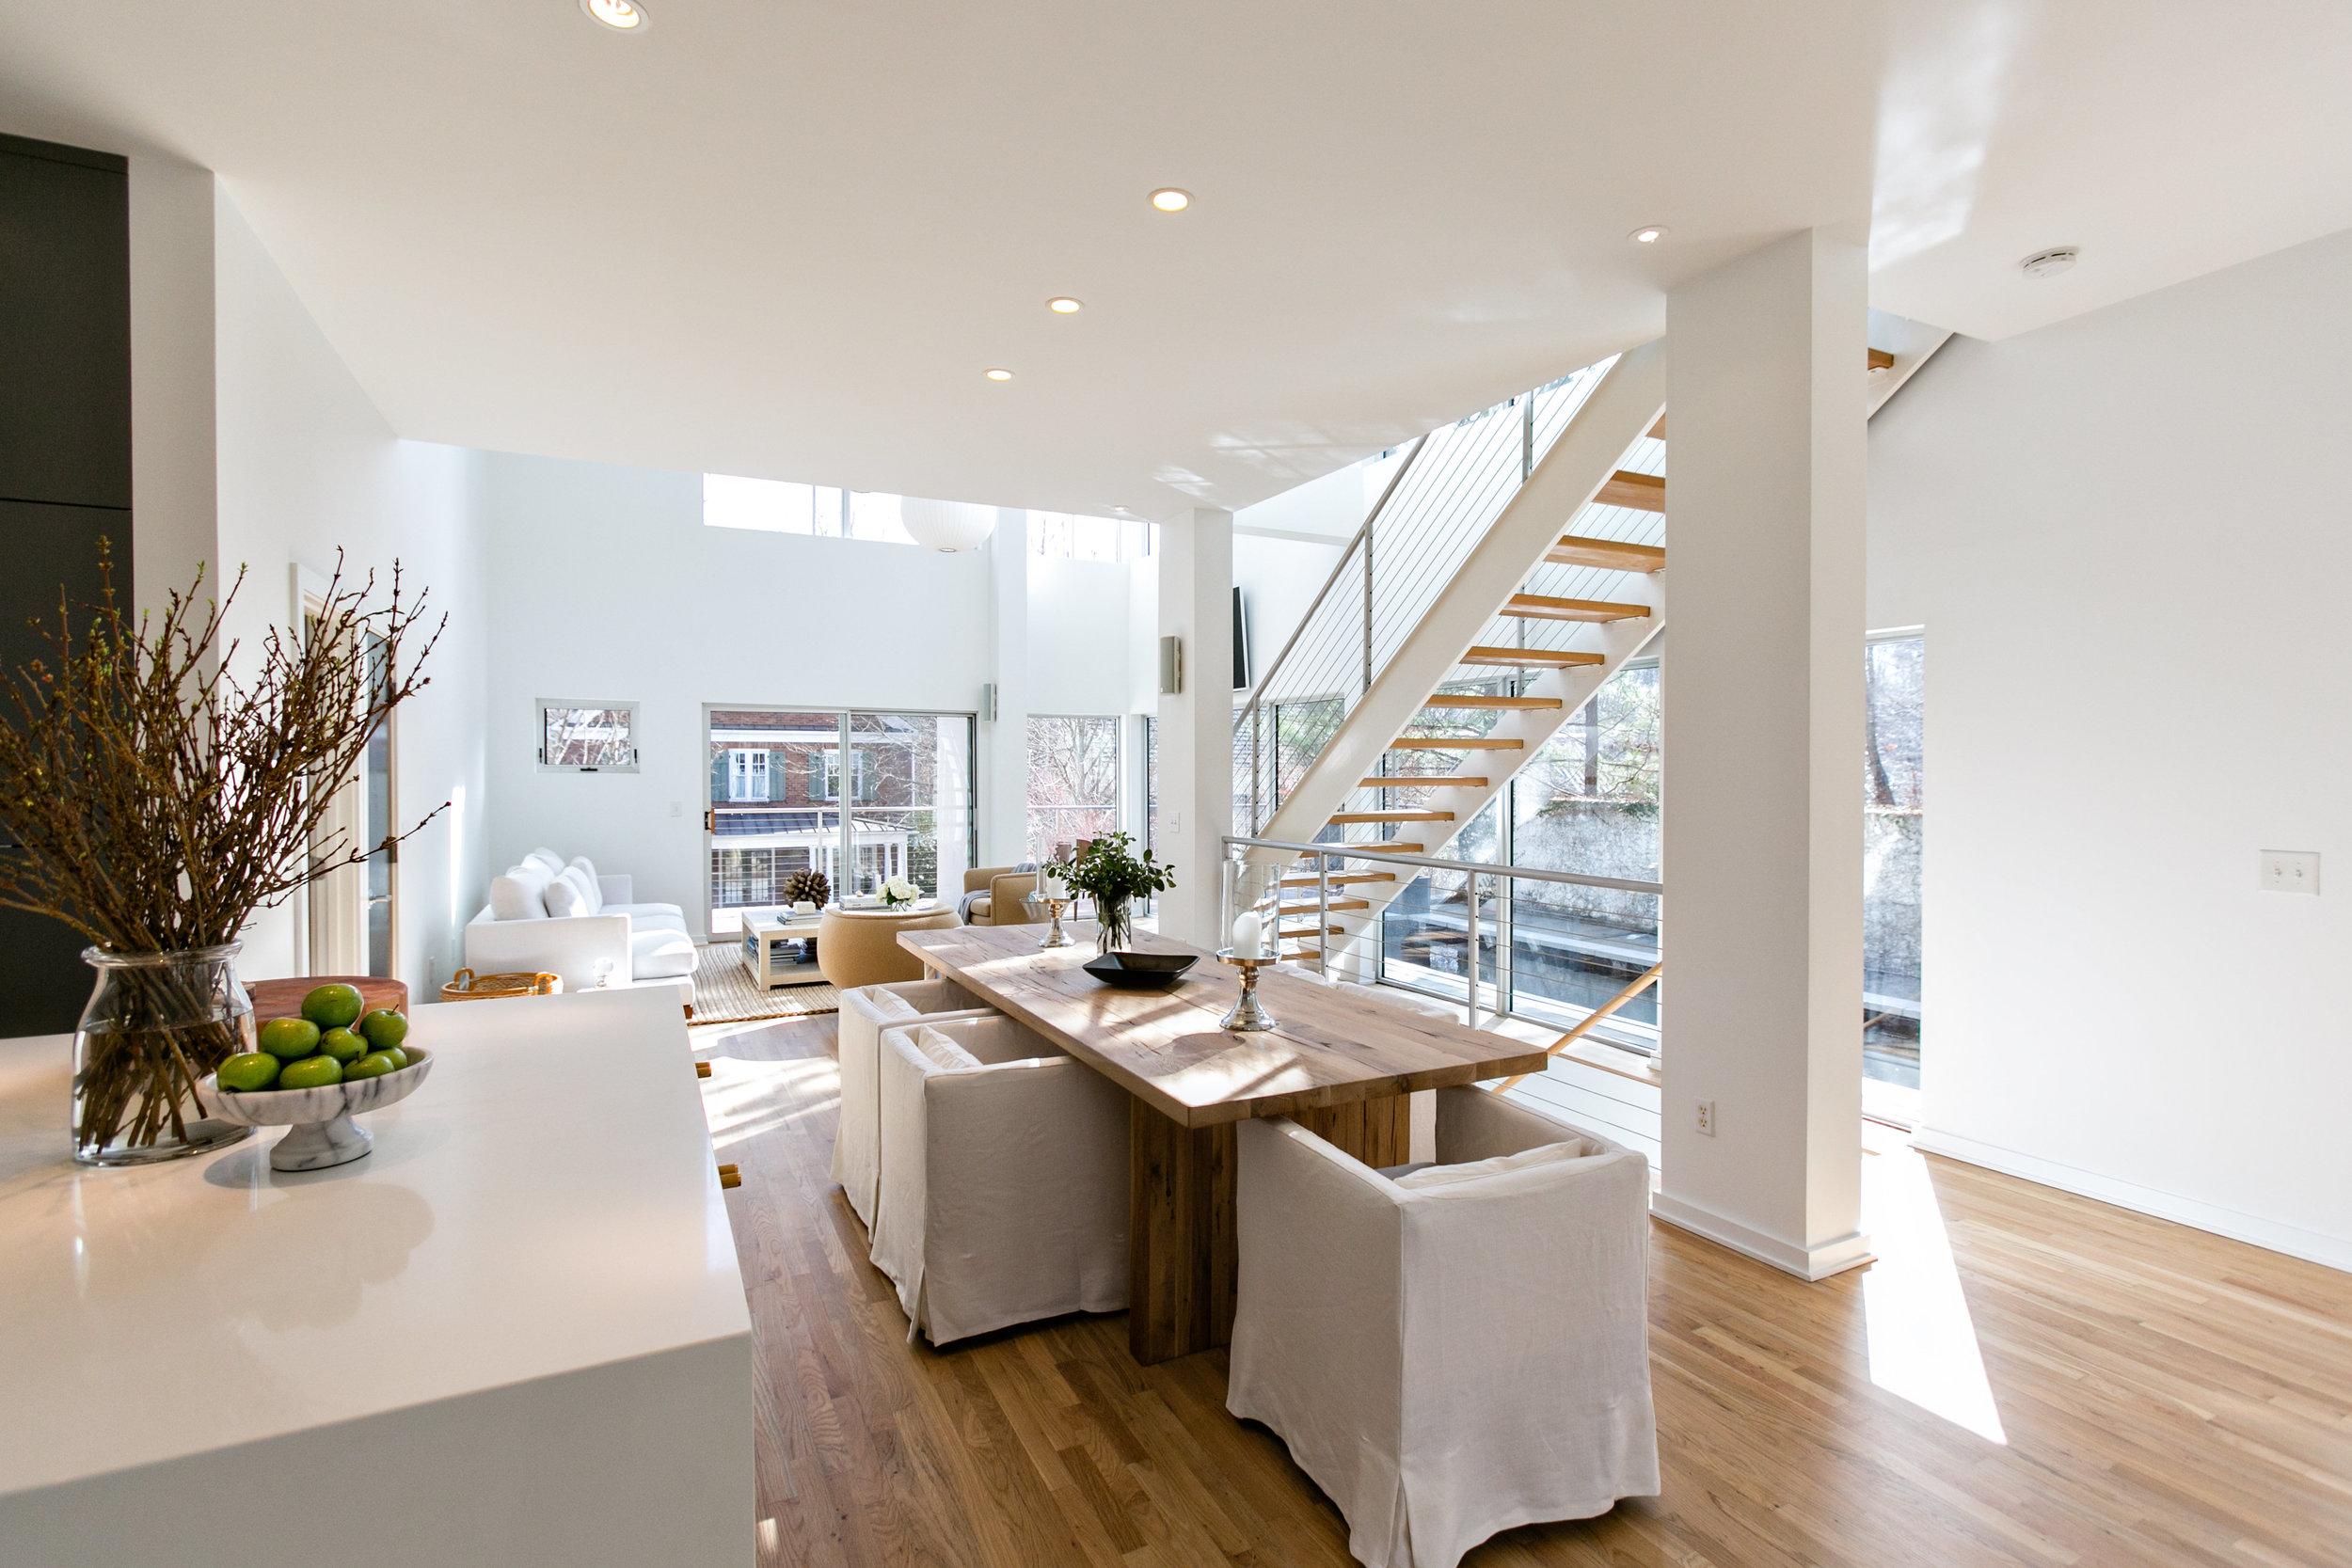 Sharp Modern Architecture-0033.jpg